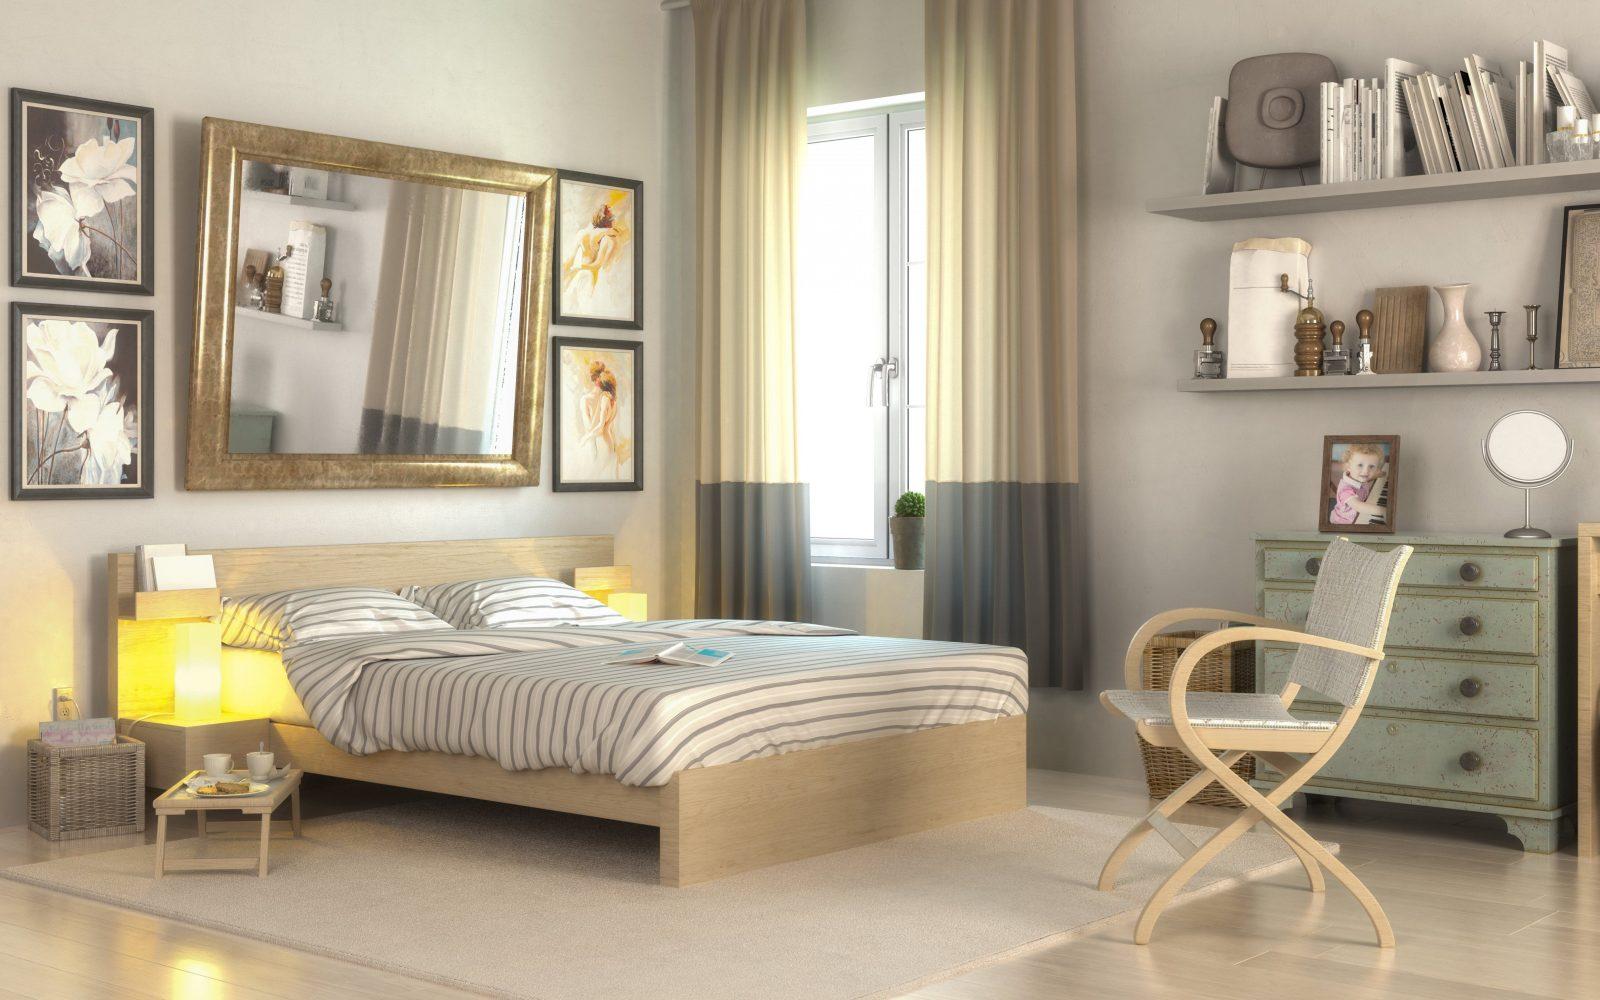 Kleines Schlafzimmer Optimal Einrichten  8 Ideen Vorgestellt von Bett Ideen Für Kleine Zimmer Bild